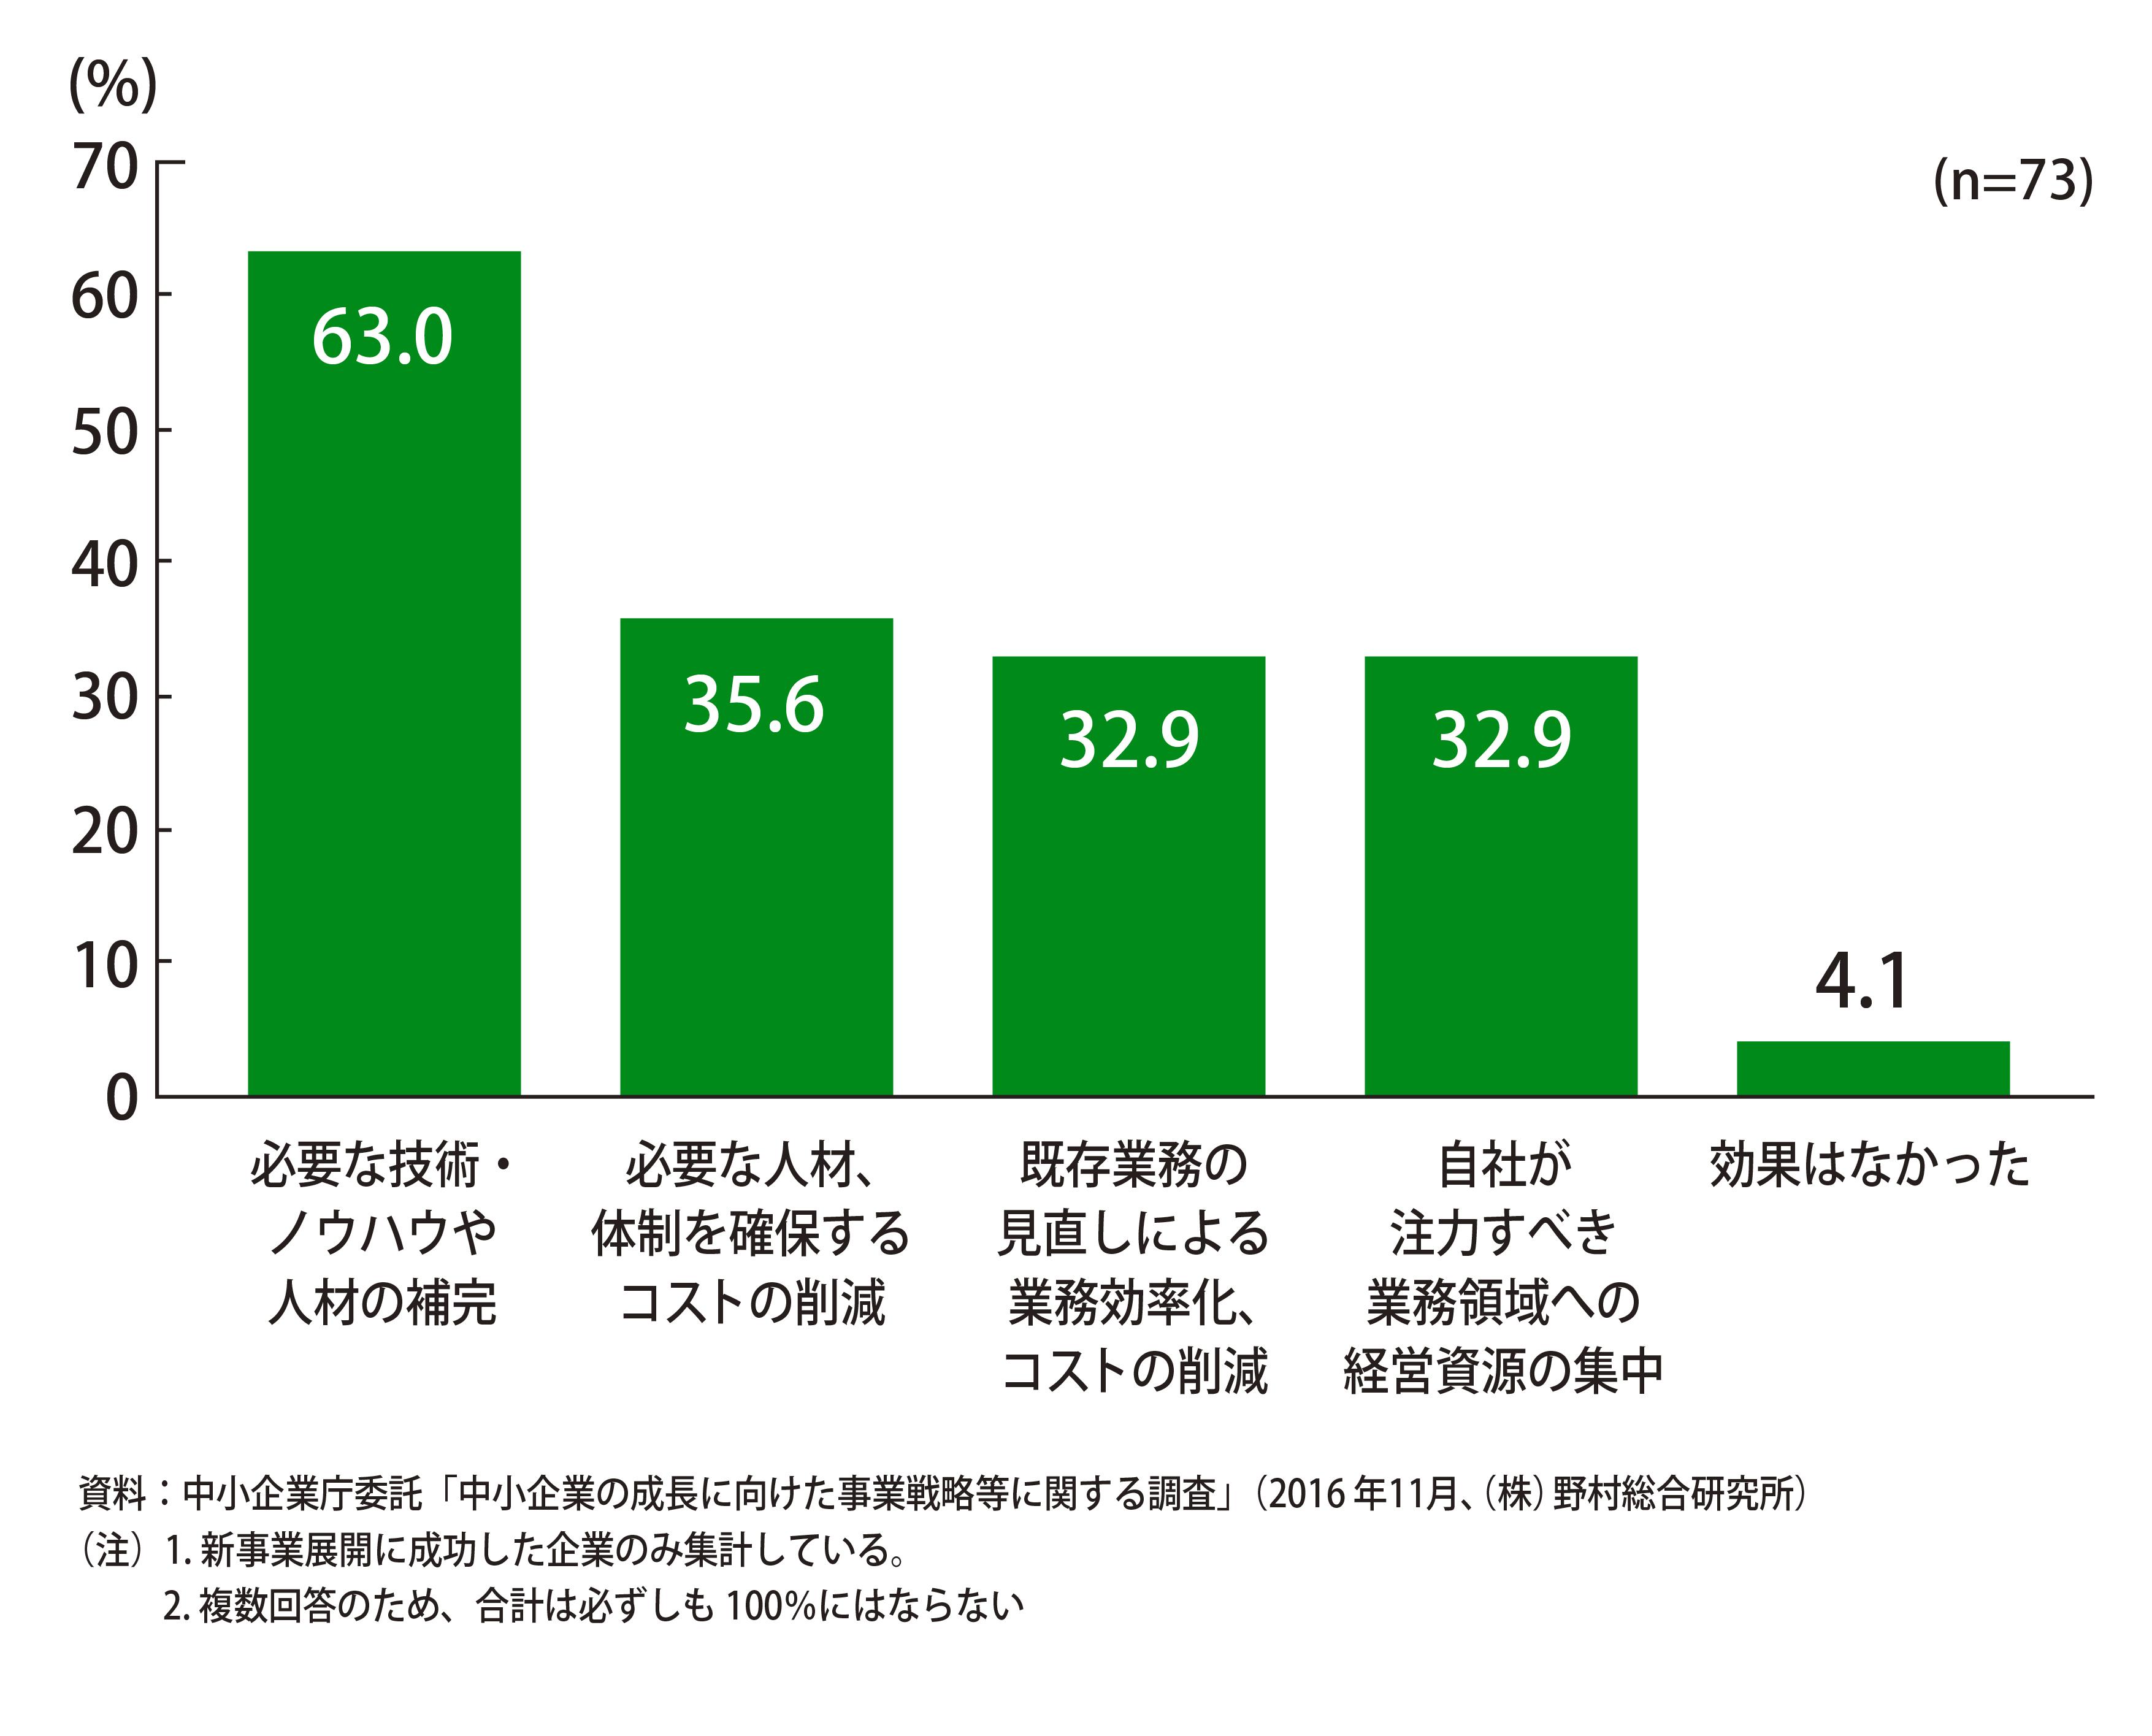 外部リソースを活用した企業の内、63.0%が「必要な技術・ノウハウや人材の補完」に、35.6%が「必要な人材、体制を確保するコストの削減」に効果を感じたと回答